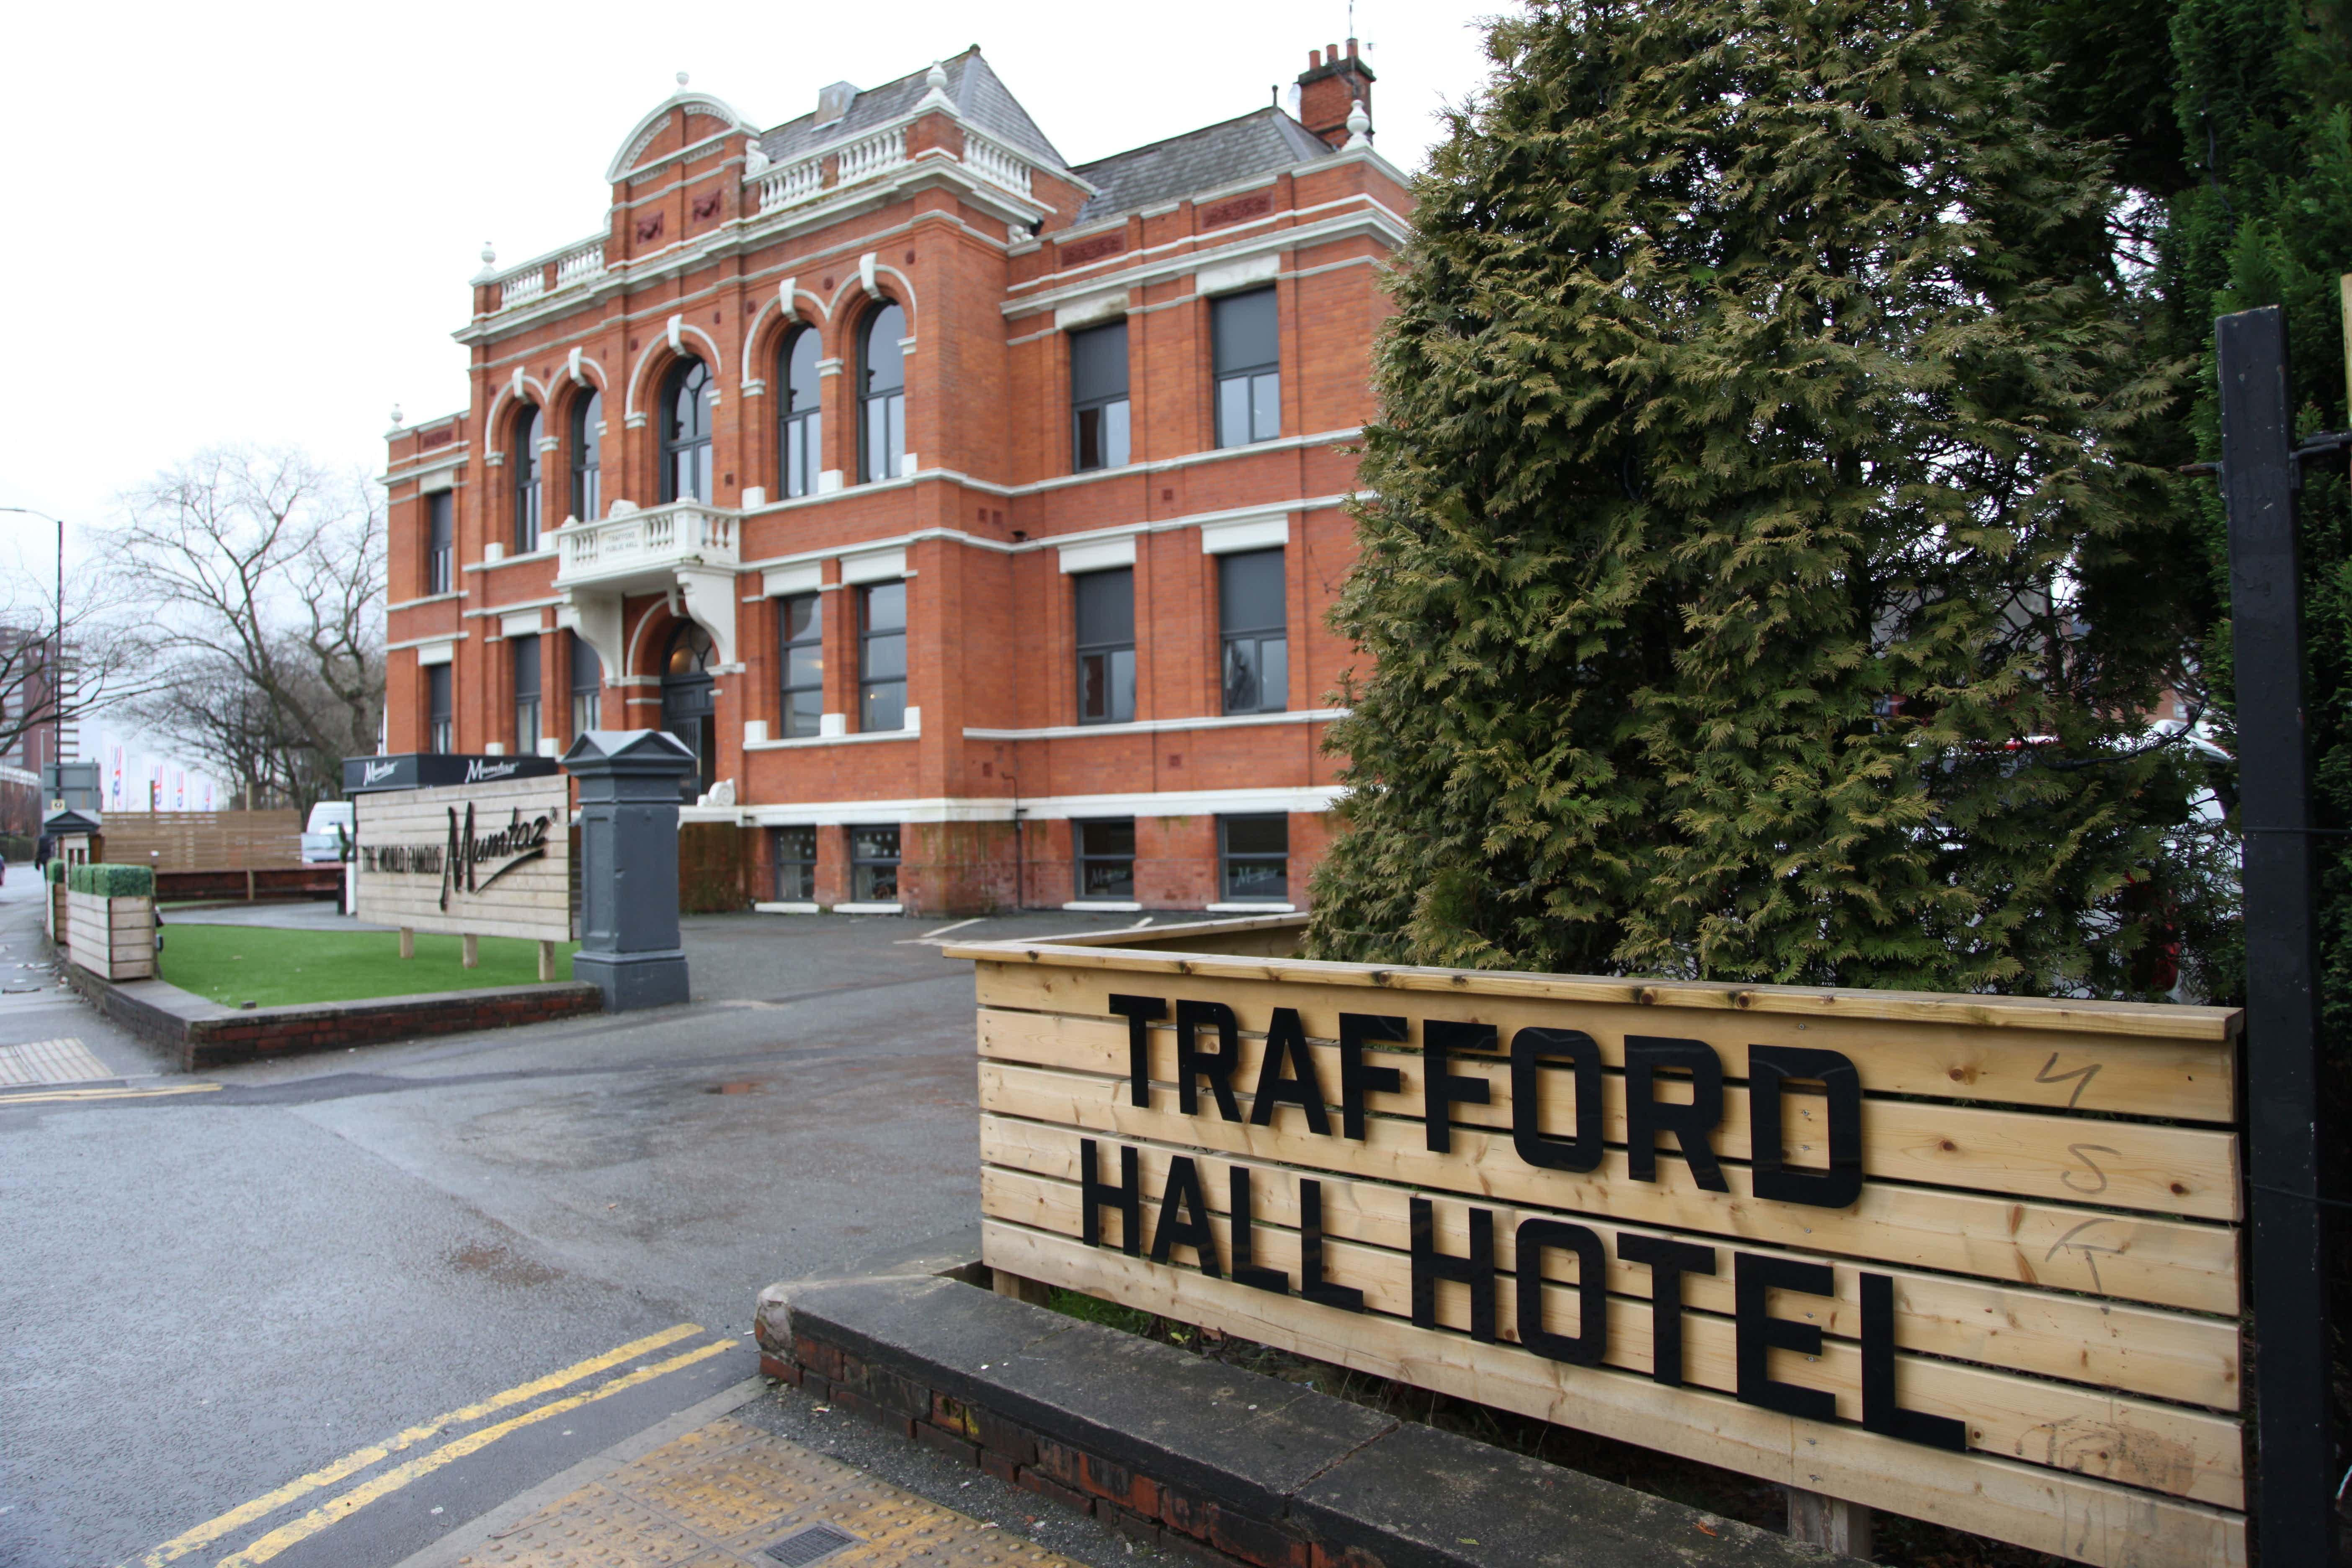 1887 Grand Hall, Traffordhall Hotel